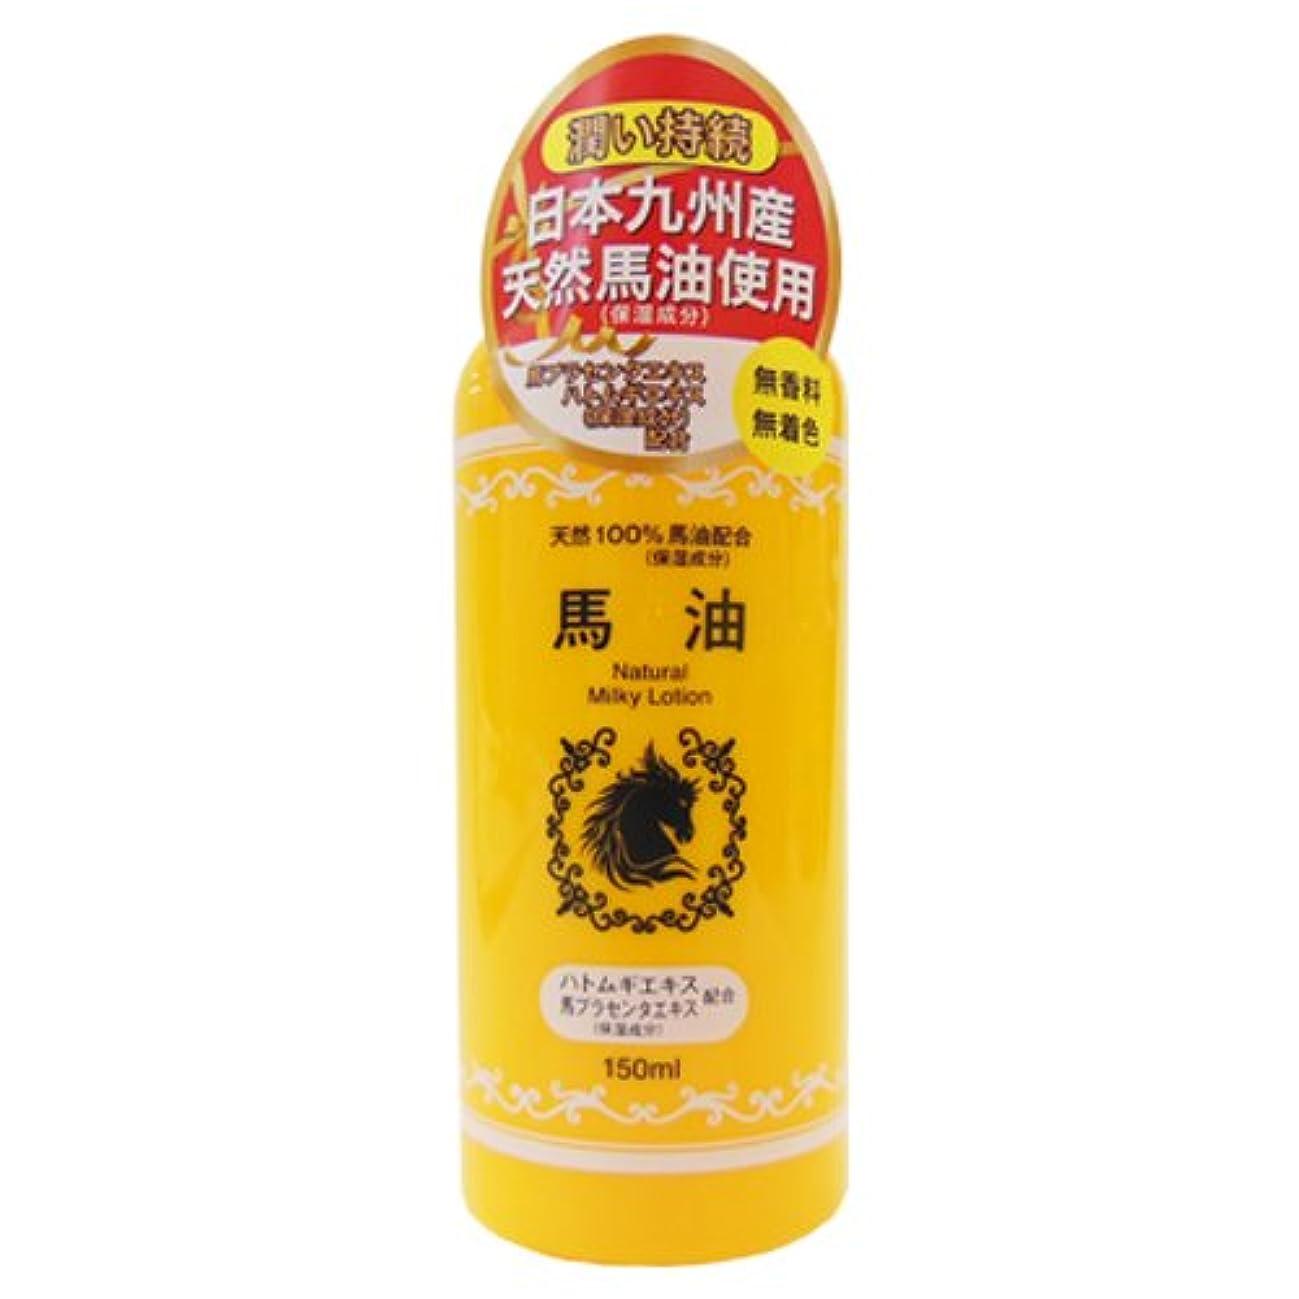 間接的スズメバチピン馬油配合乳液 150ml